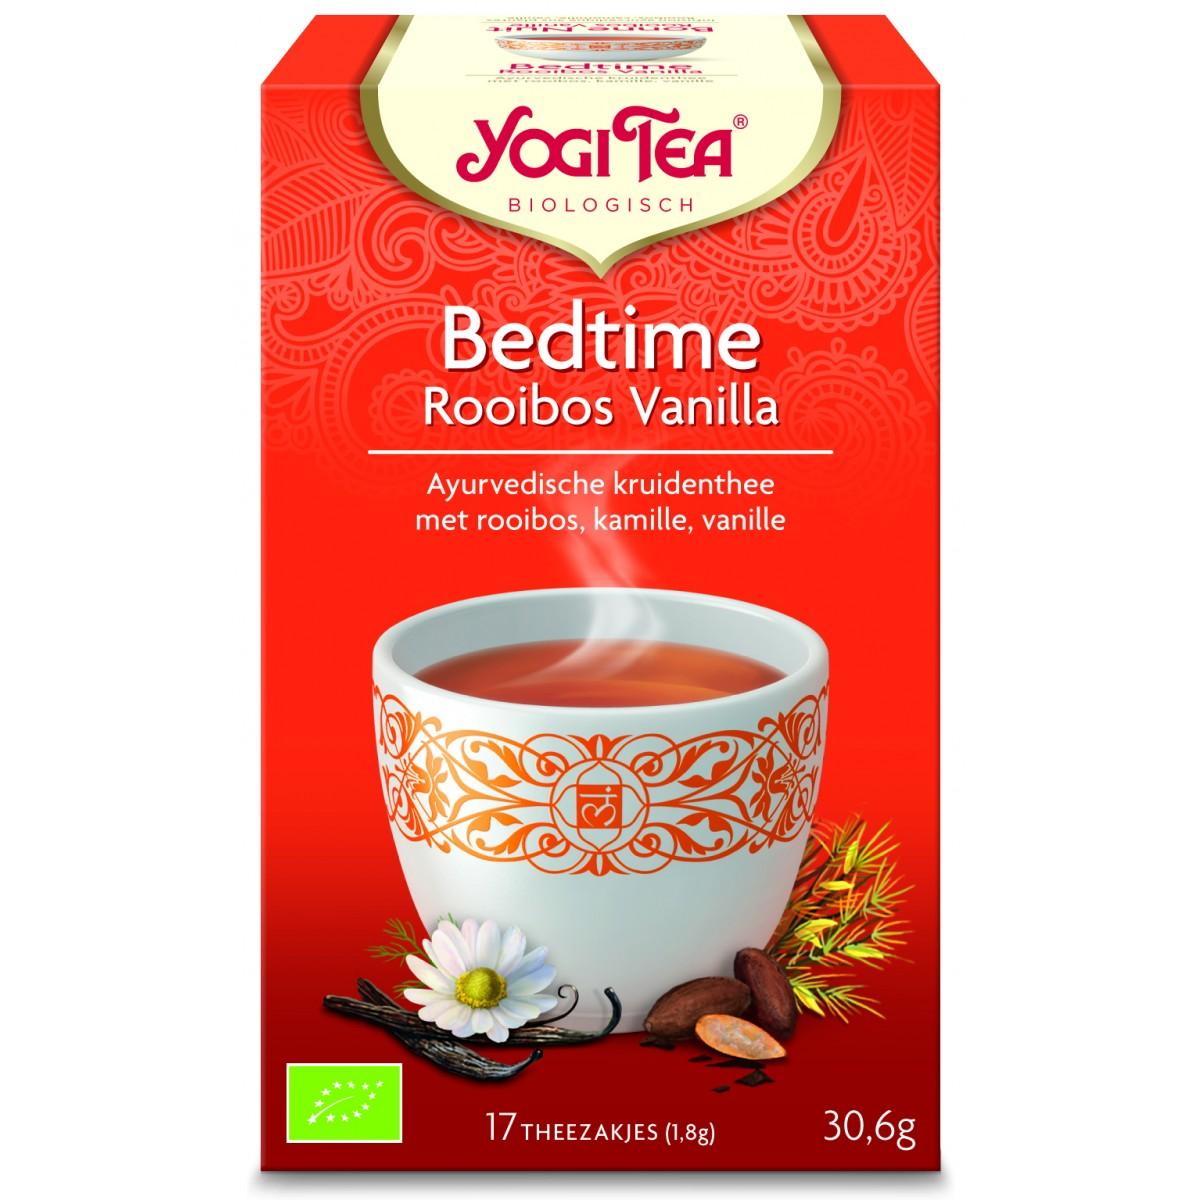 Bedtime Rooibos Vanilla